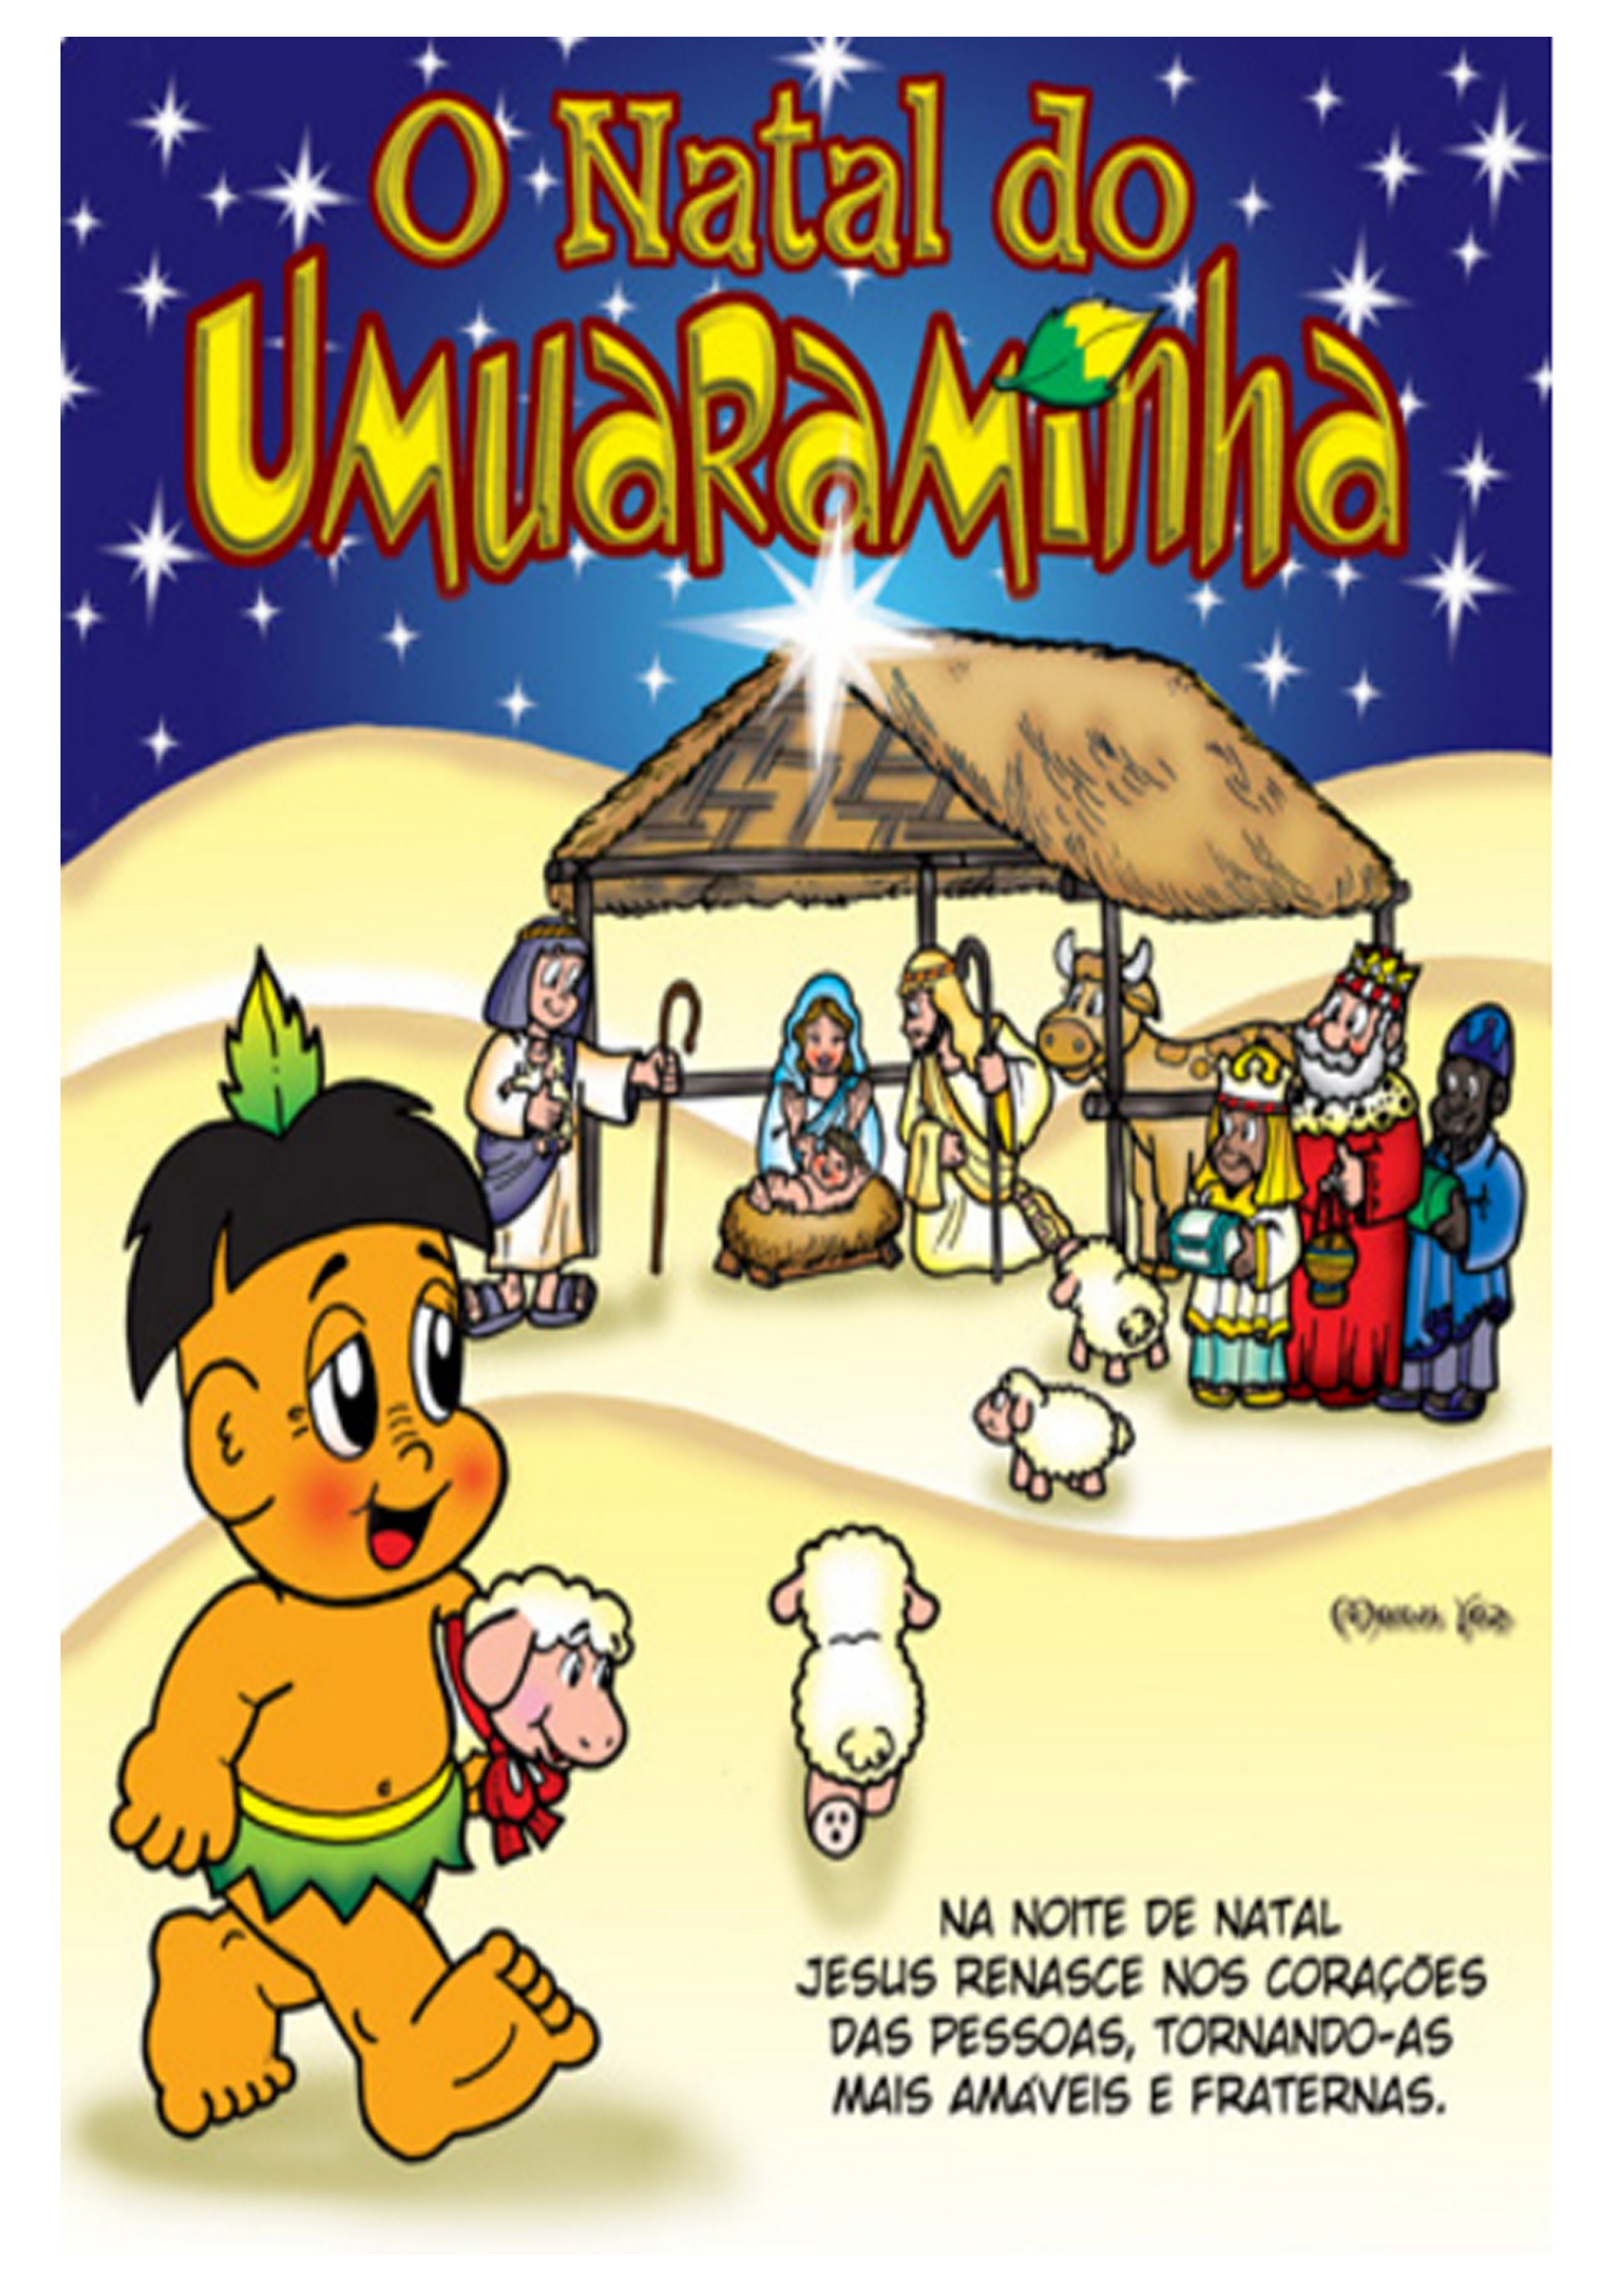 Jornal do Umuaraminha